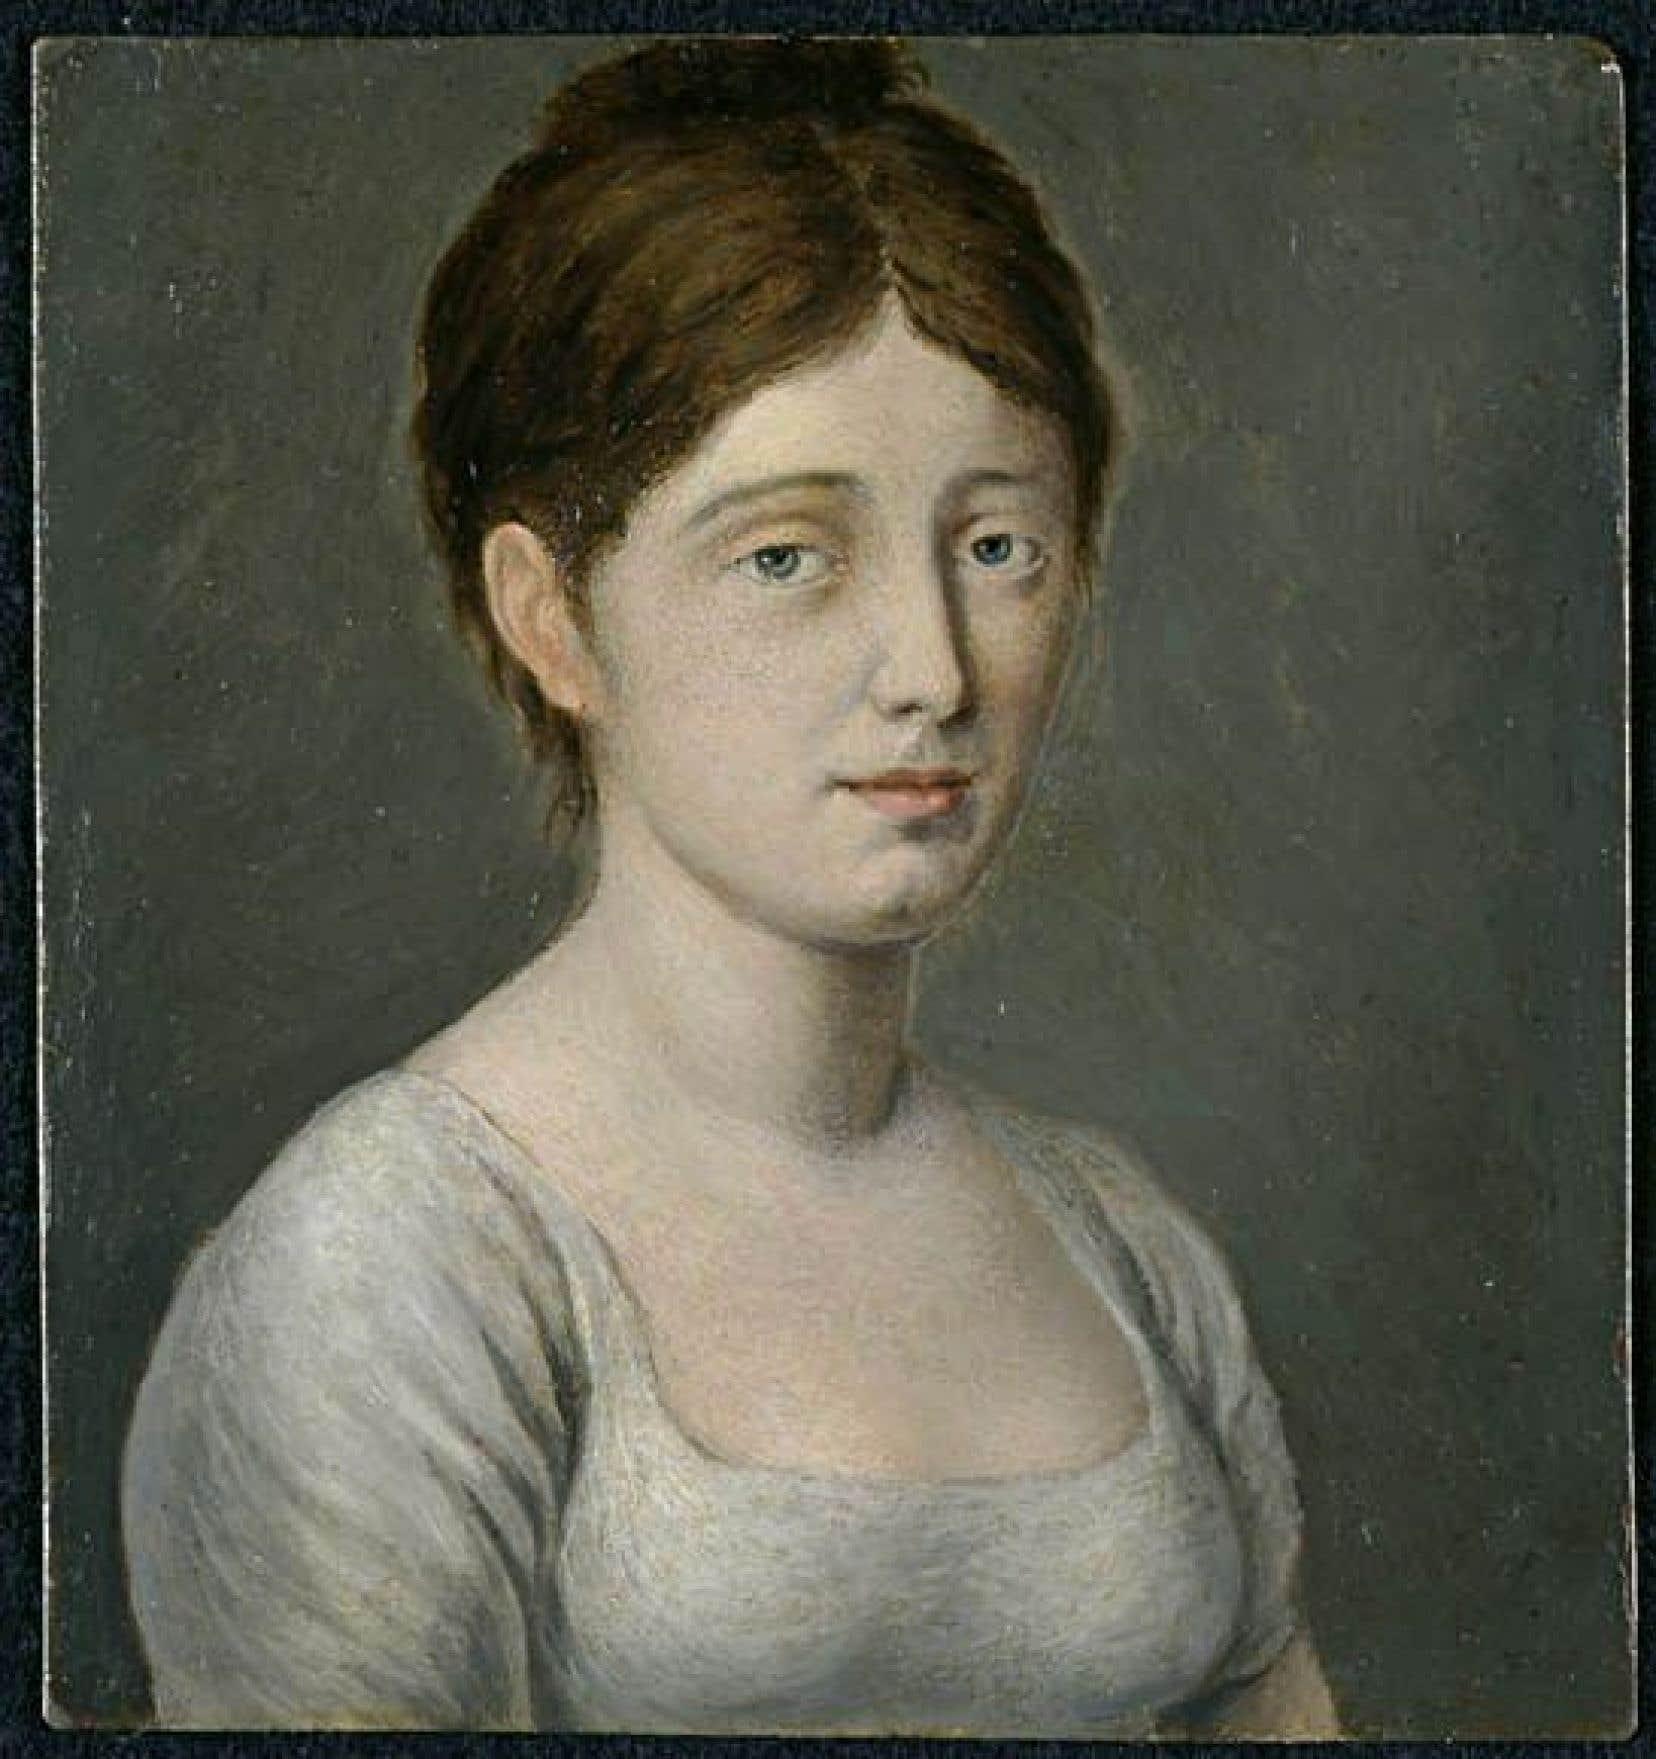 Au croisement des influences et des tensions idéologiques, Louise-Amélie Panet a développé une poésie propre à l'esprit du Nouveau Monde.